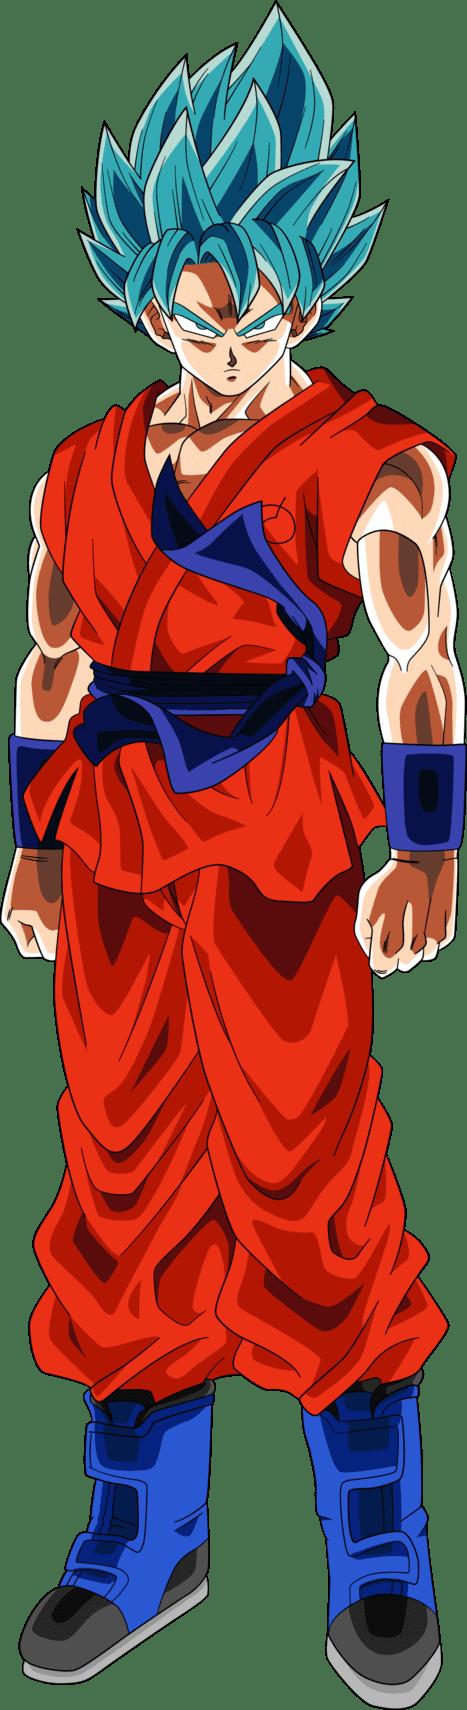 Super Saiyan Blue WIki